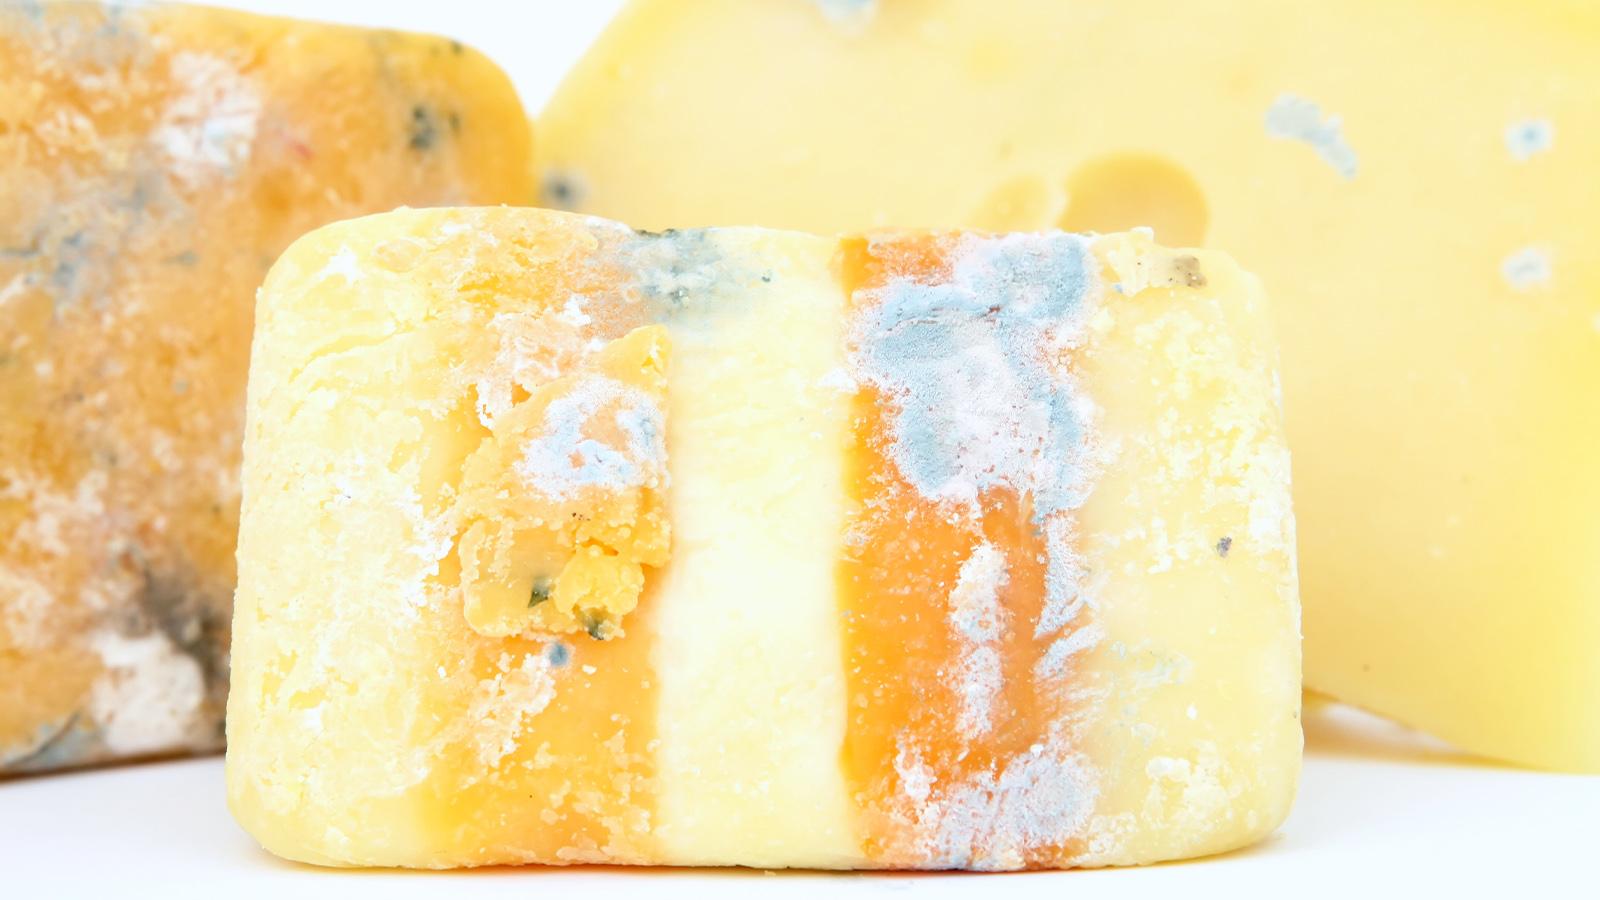 Käse mit unerwünschtem Schimmel